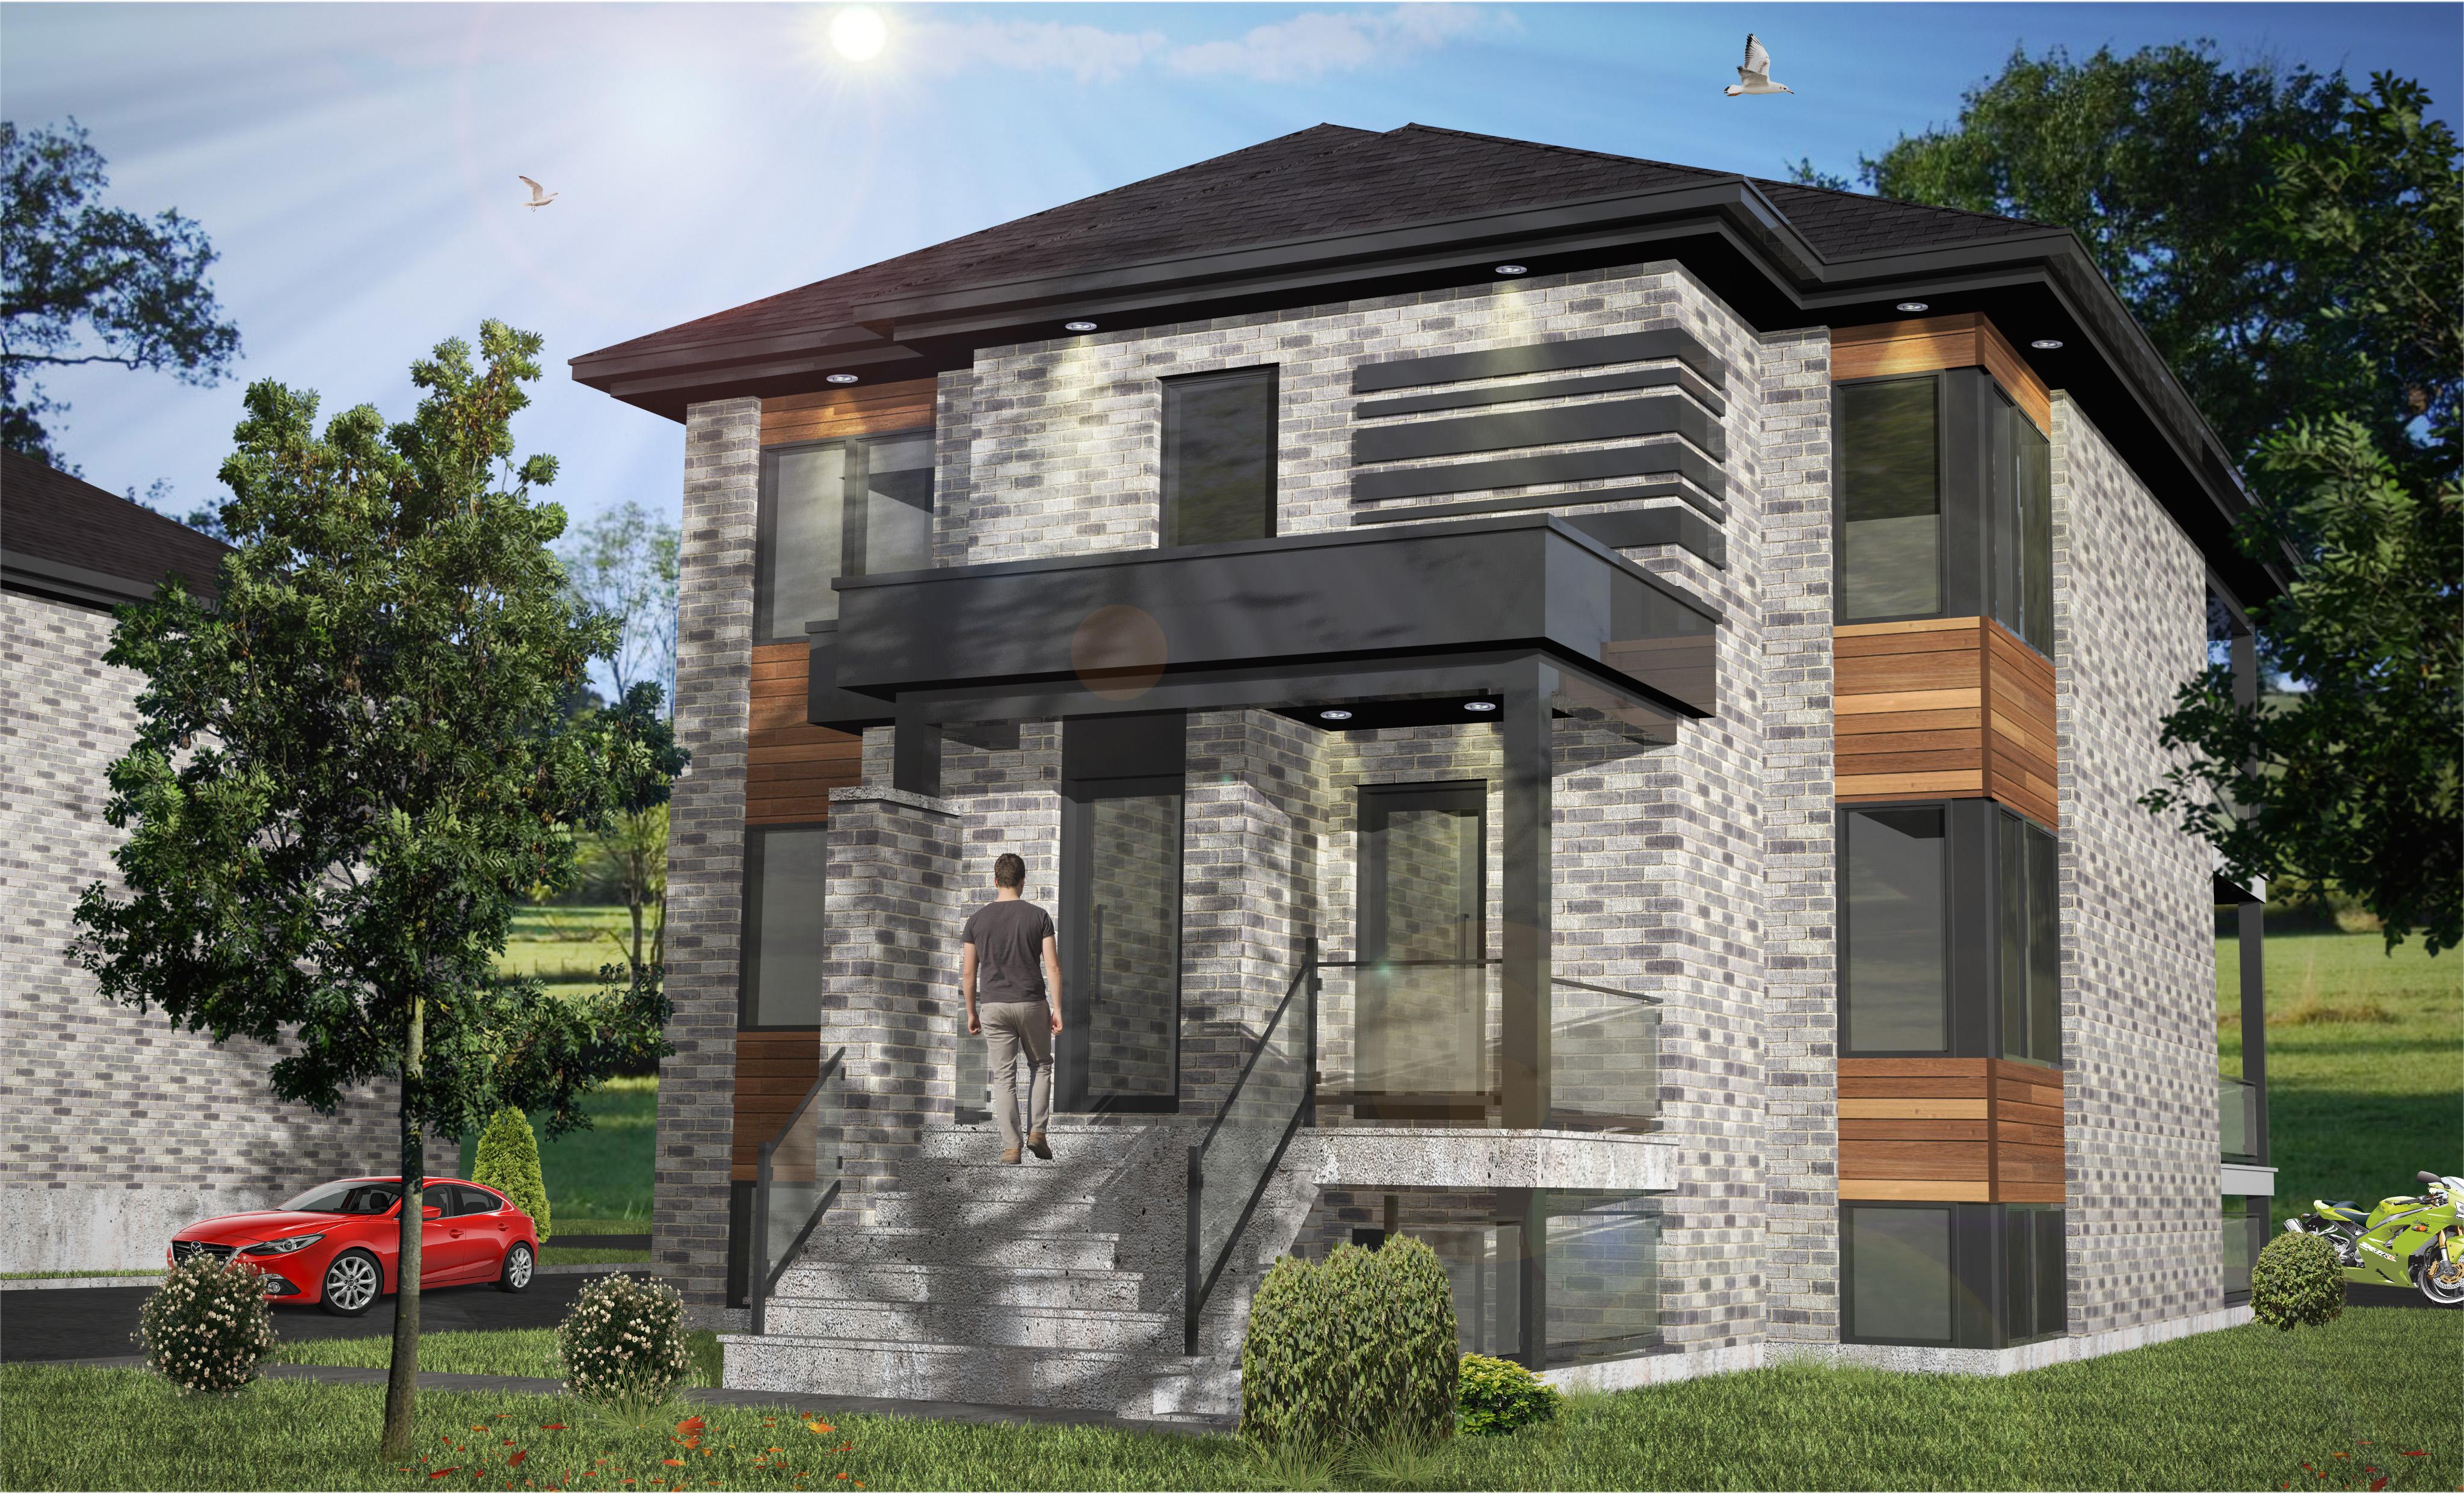 Modele de maison a construire en haiti maison moderne for Modele de maison moderne a construire